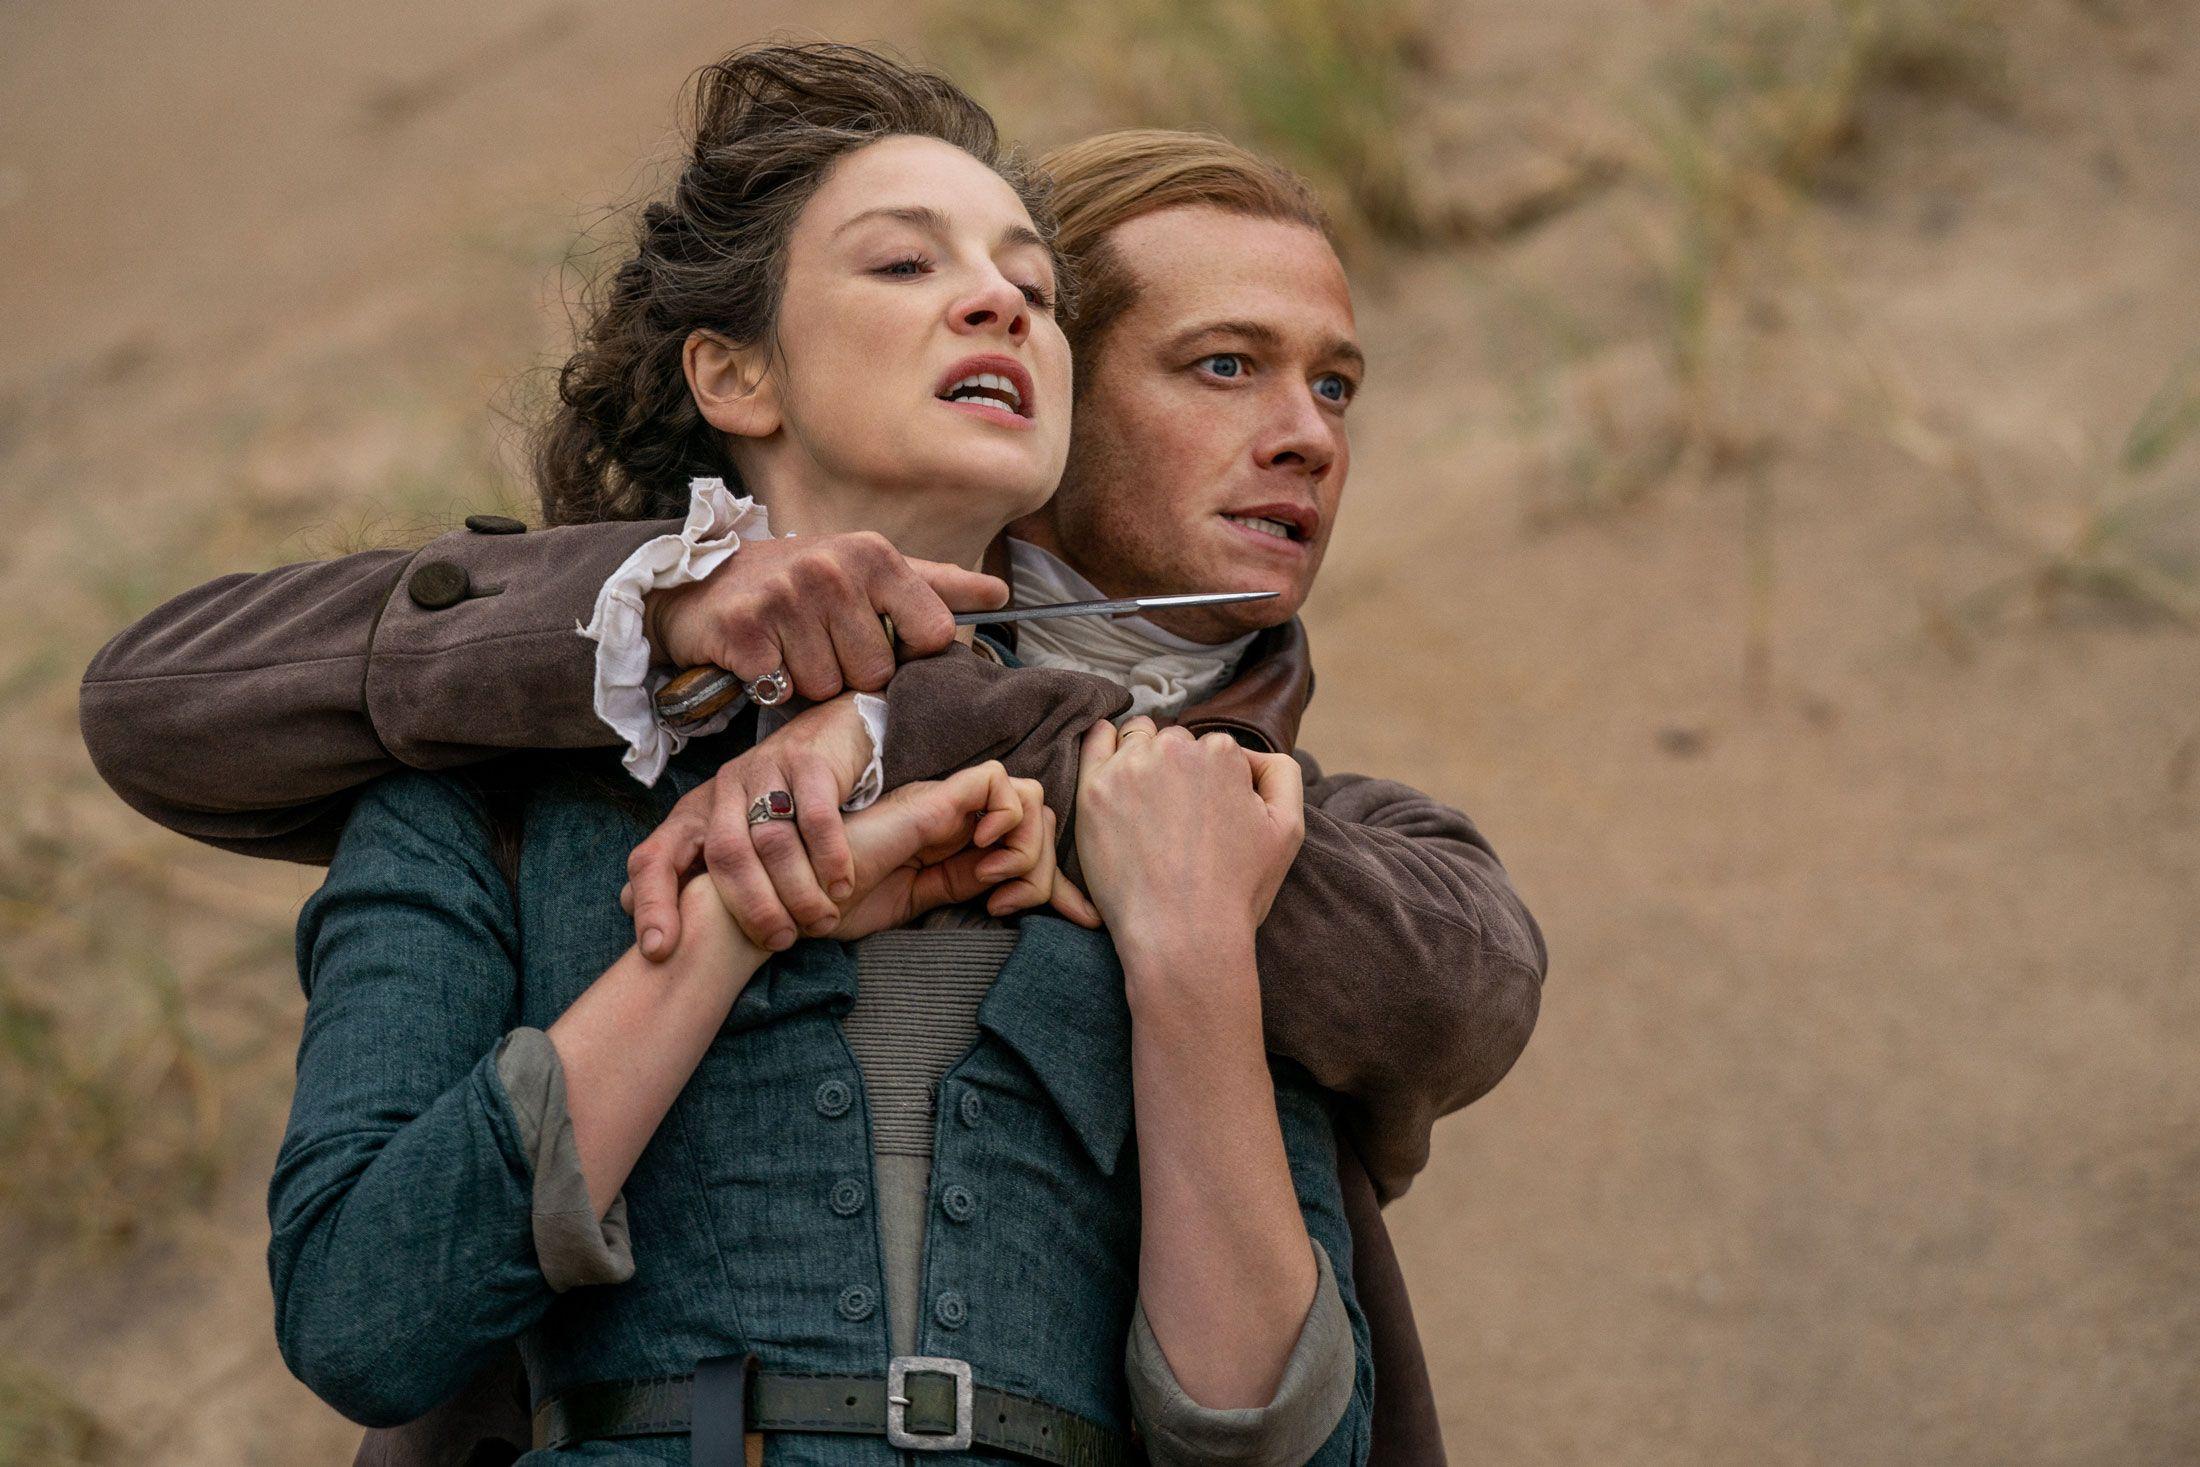 Caitriona Balfe (Claire Fraser) & Ed Speleers (Stephen Bonnet)